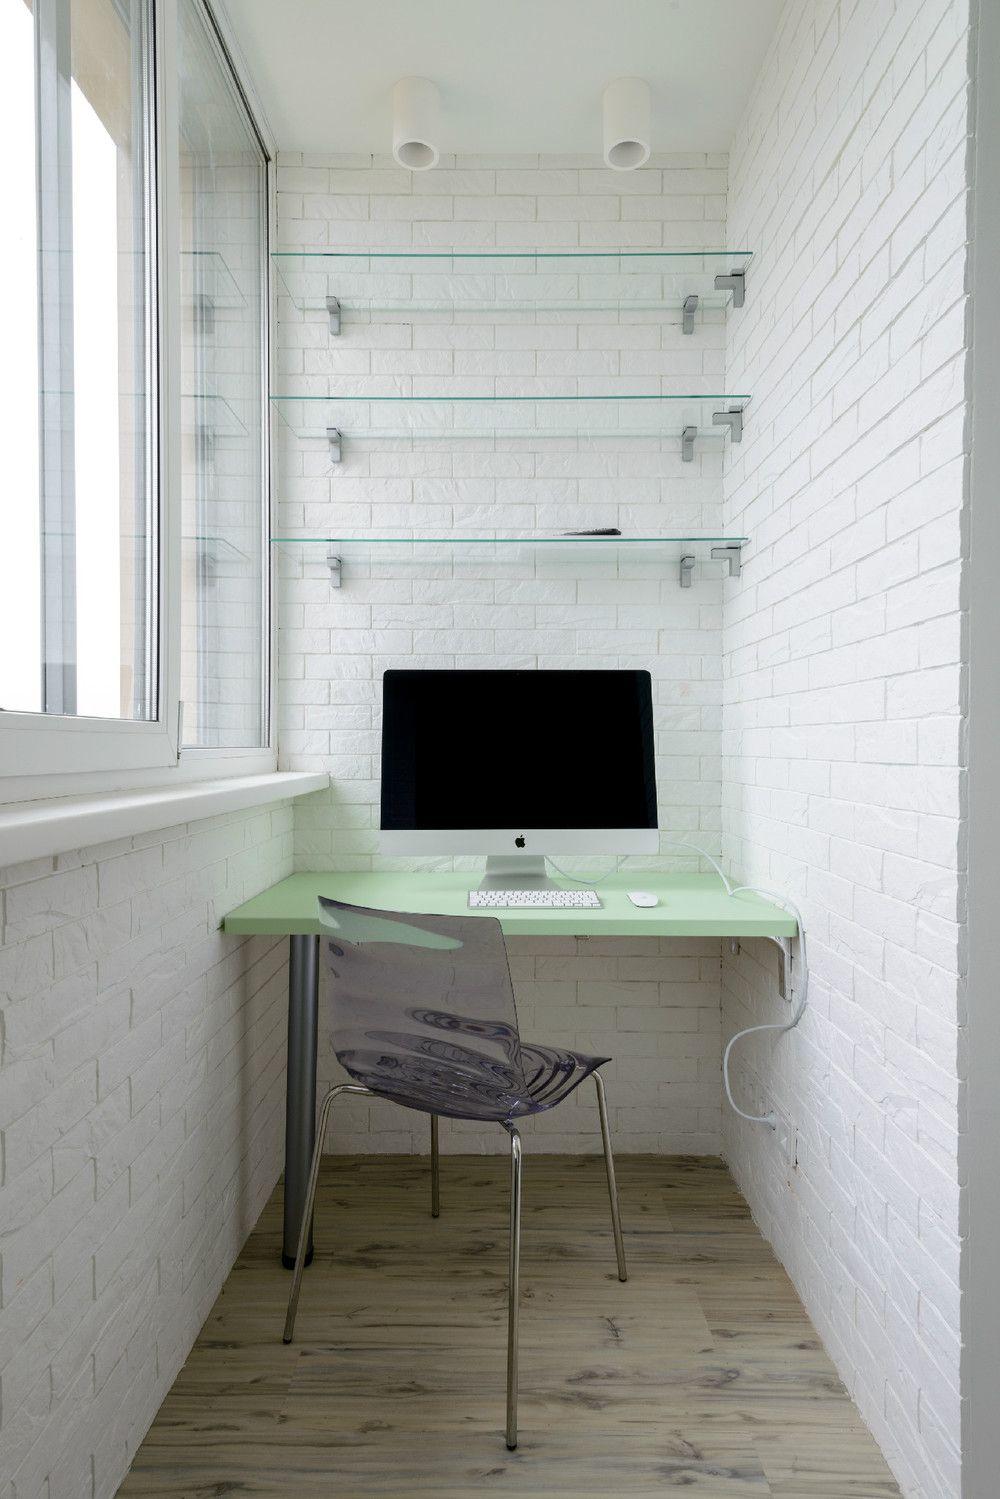 Компьютерный стол на балконе